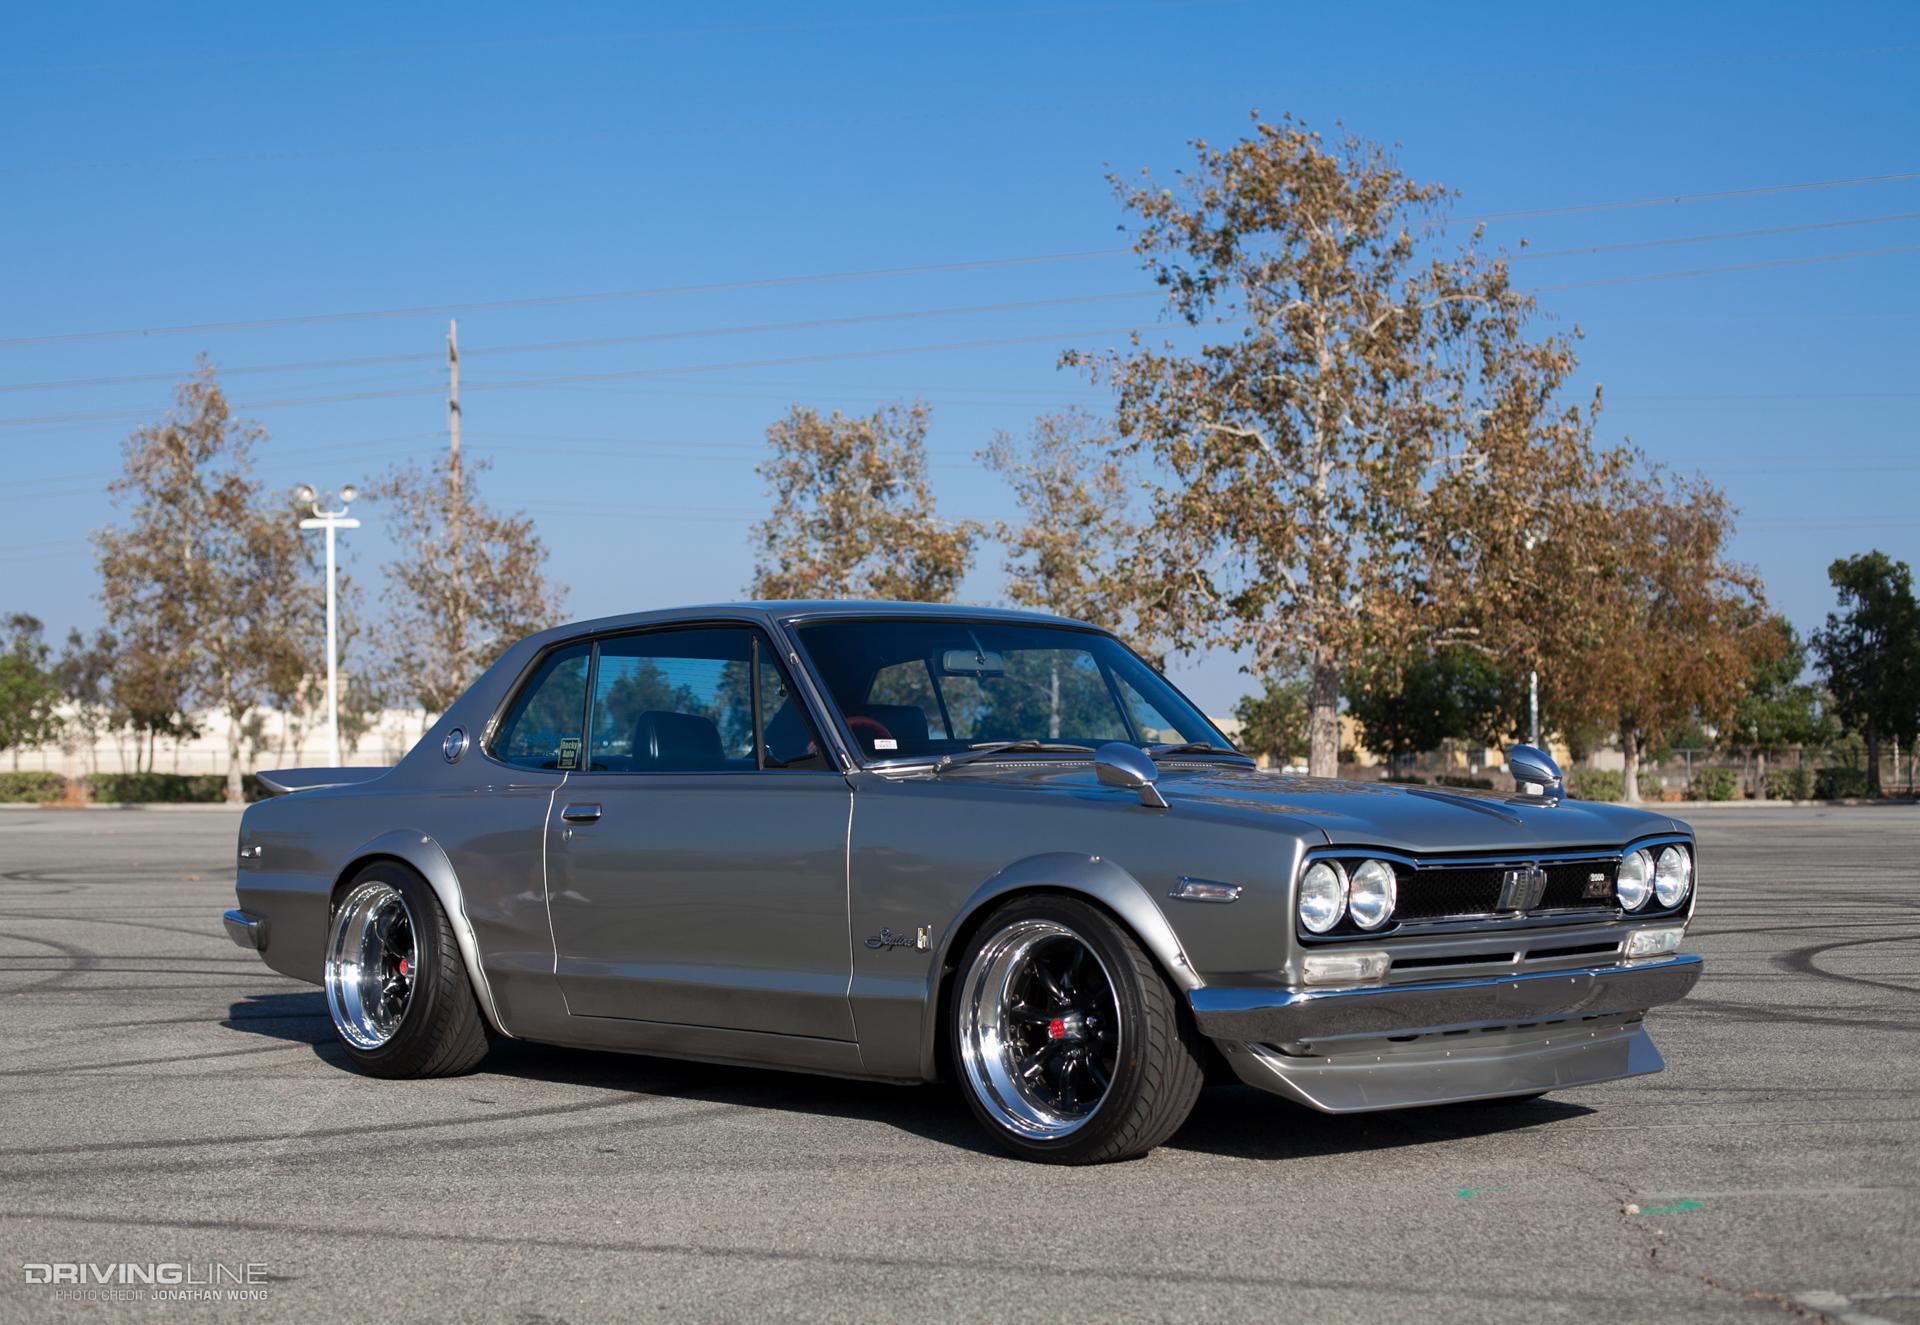 Drive Thru Test Driving A 1971 Nissan Skyline 2000 Gtx